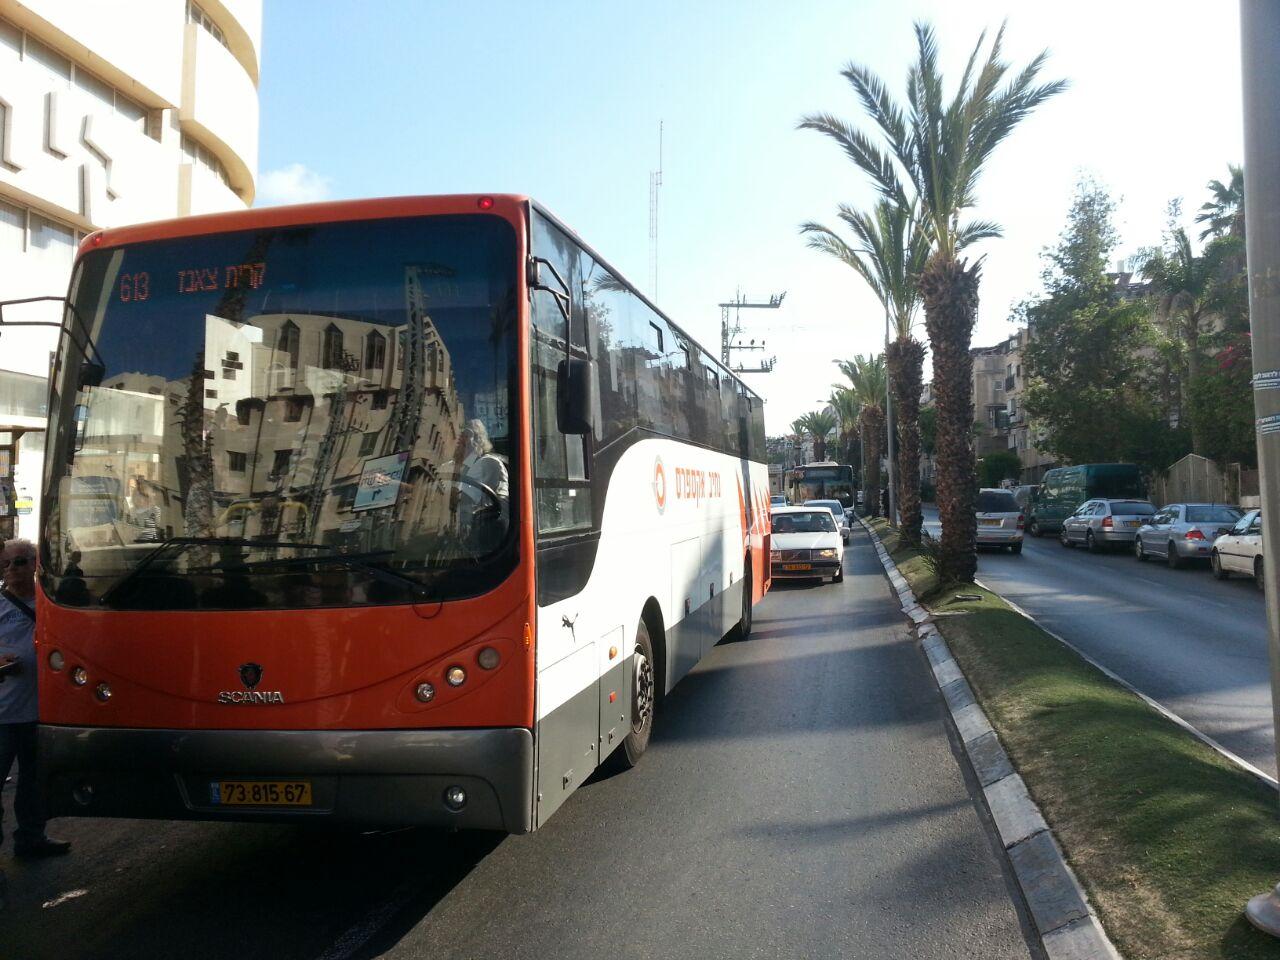 אוטובוס אוטובוסים חרדים נוסעים זועמים - צילם יהודה רחמים 24 (6)